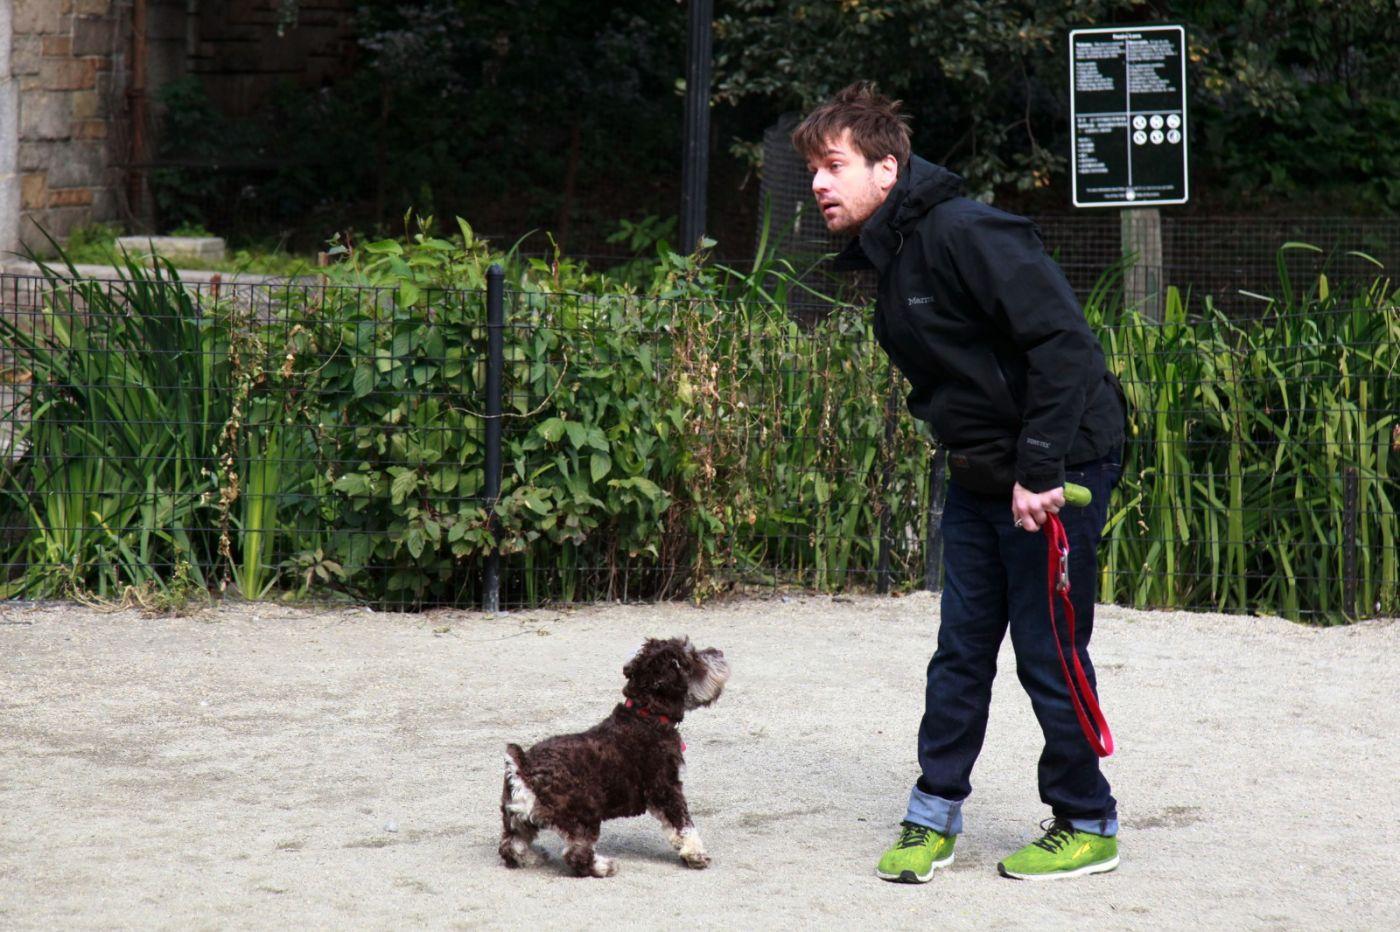 养狗爱好者带了爱犬欢聚一堂,相互交流_图1-11